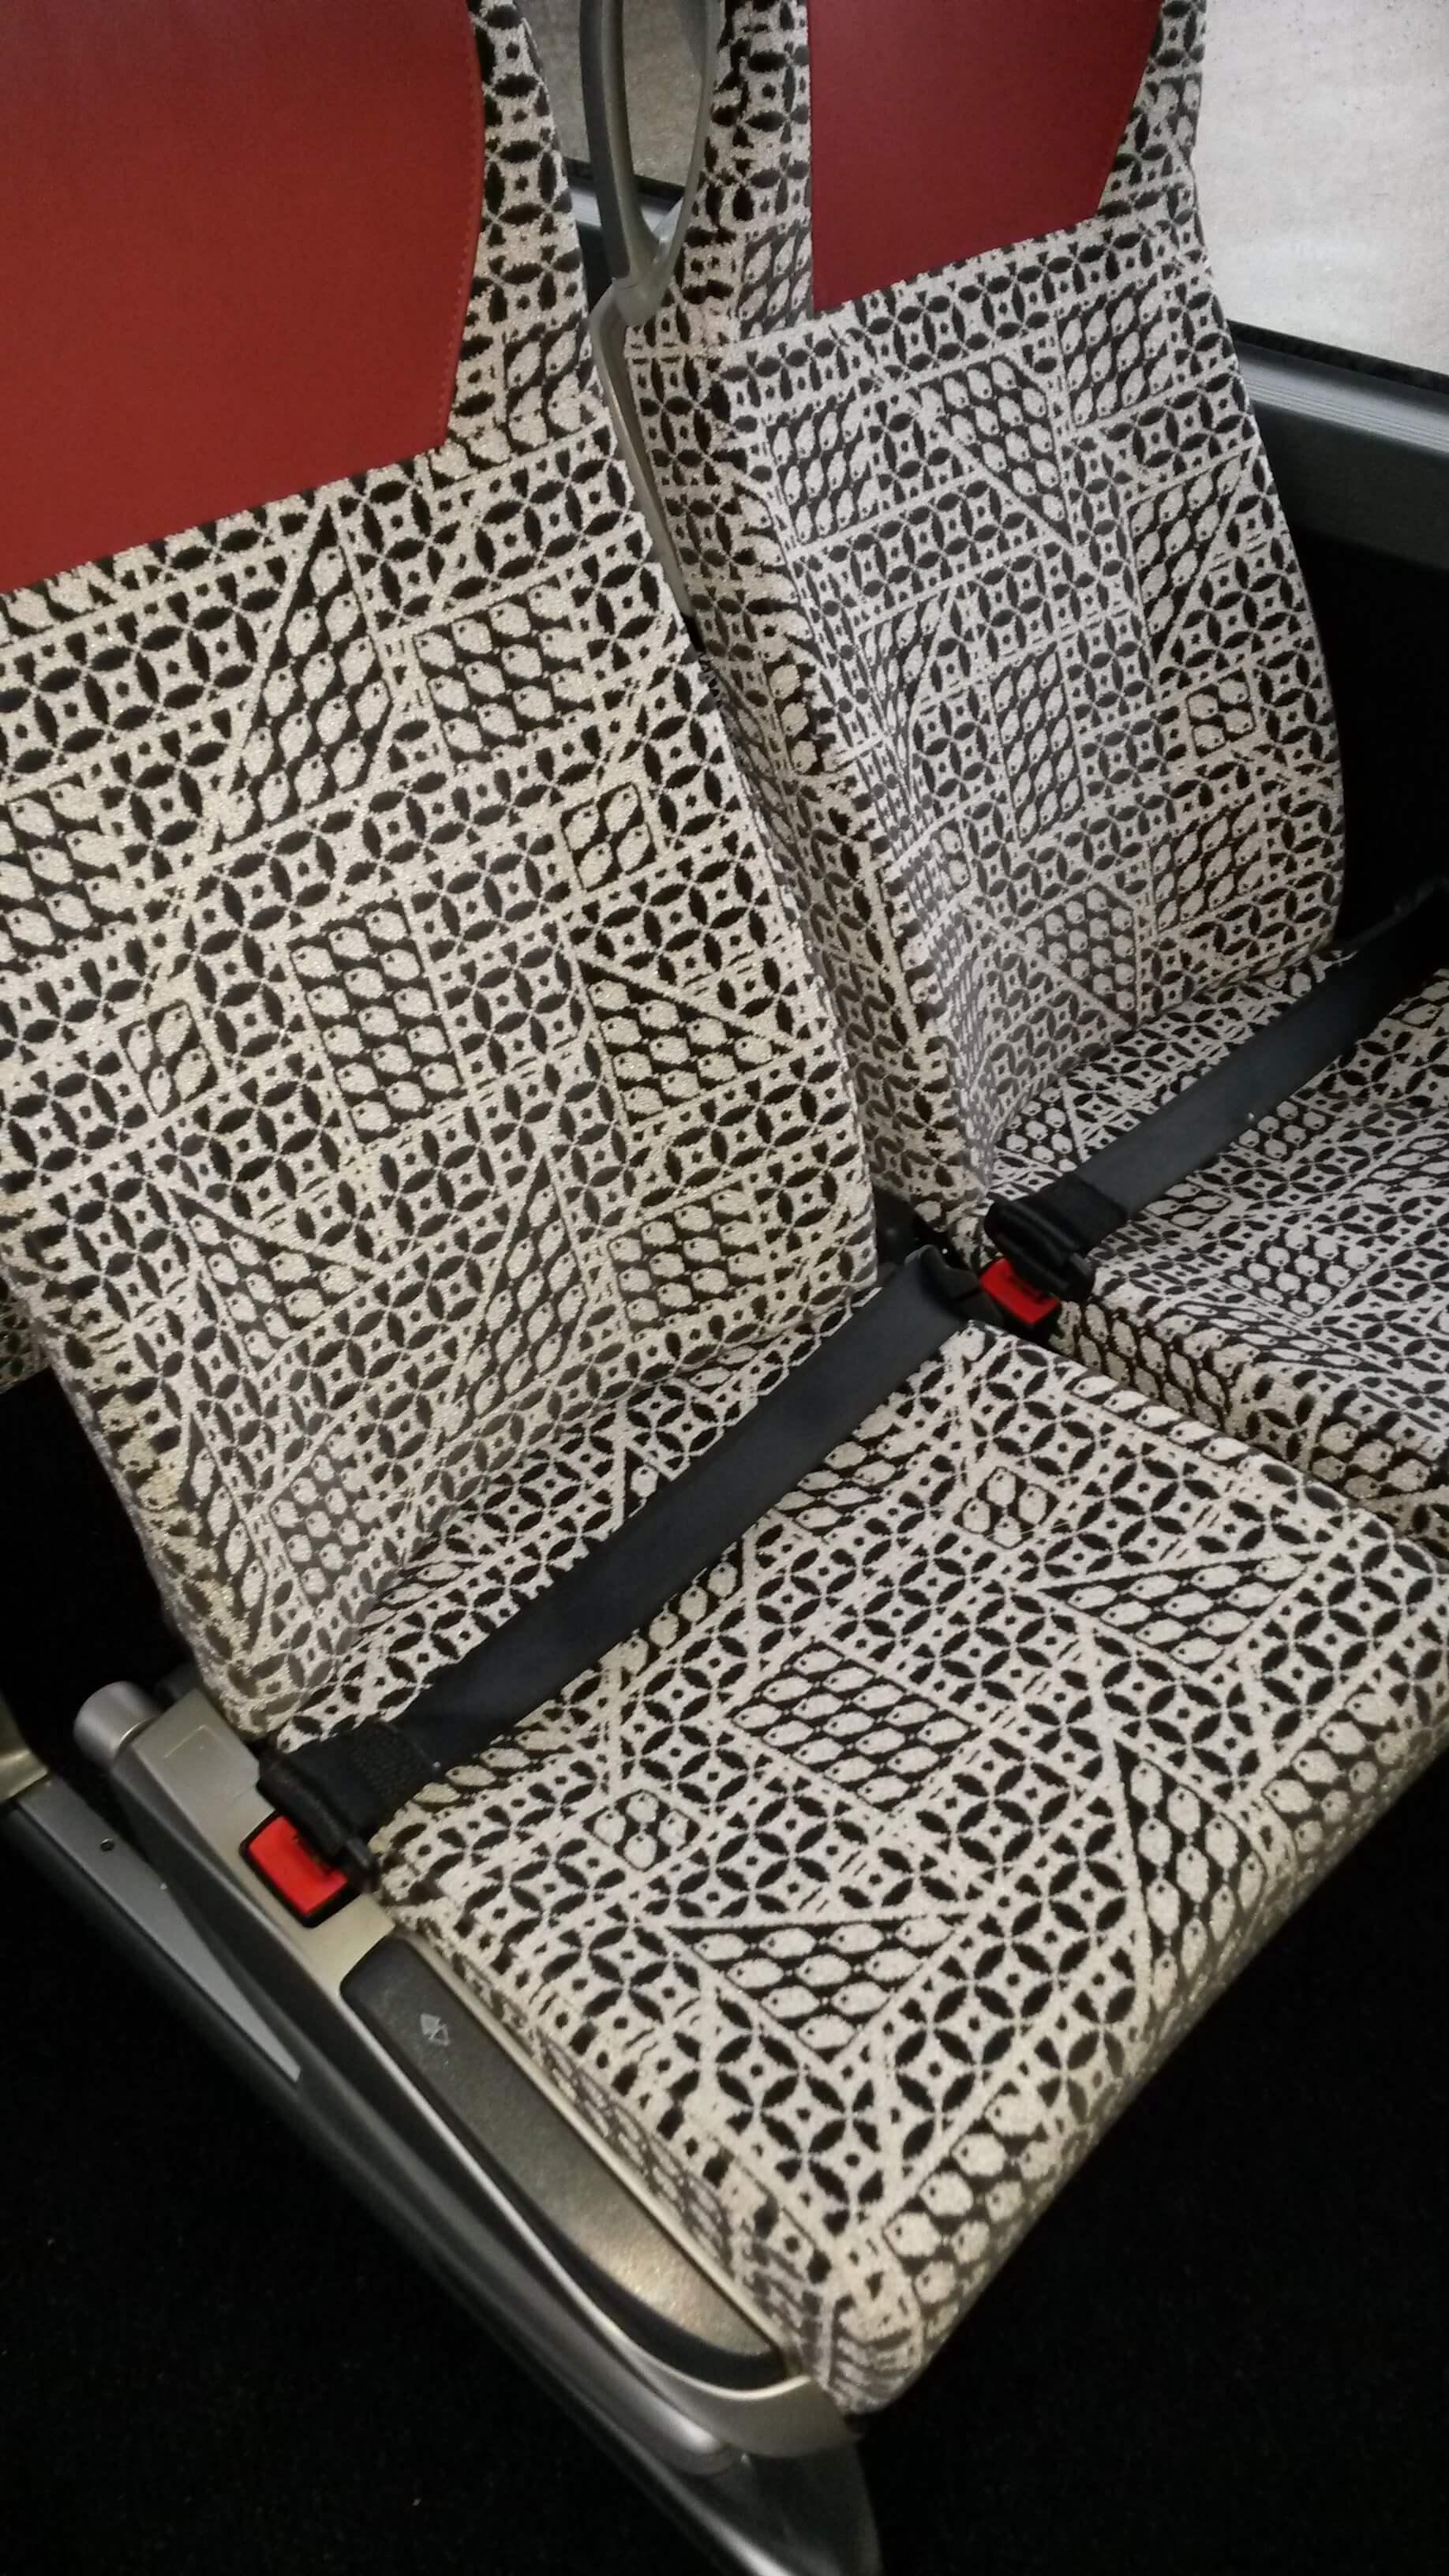 Sicherheitsgurte - alle Sitzplätze sind mit Sicherheitsgurten ausgestattet.